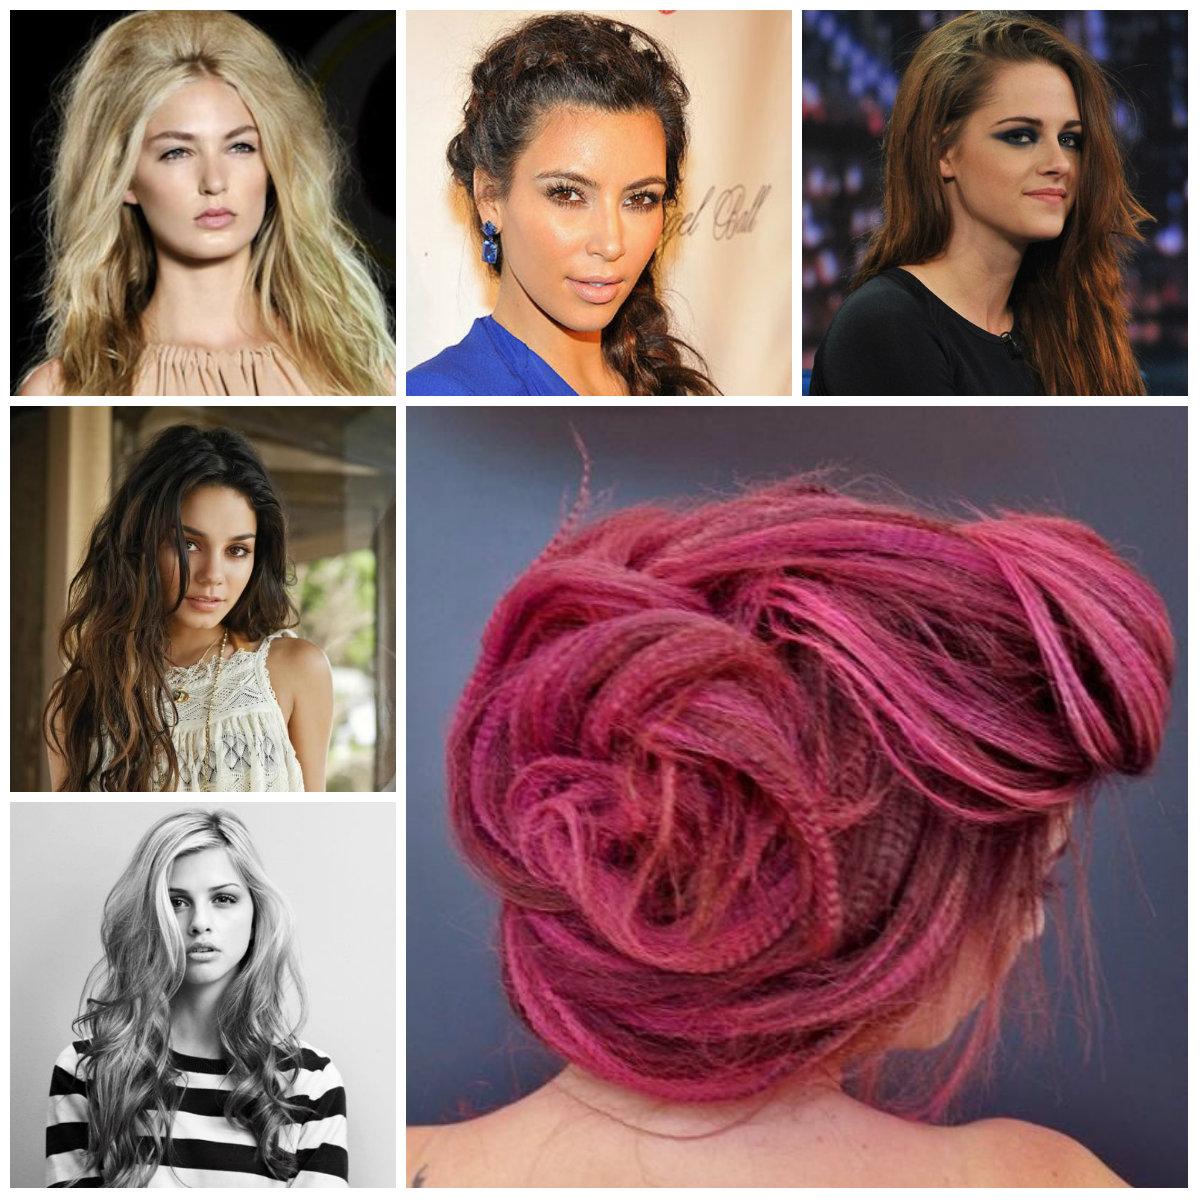 Neu unordentliche Frisur Trends für langes Haar